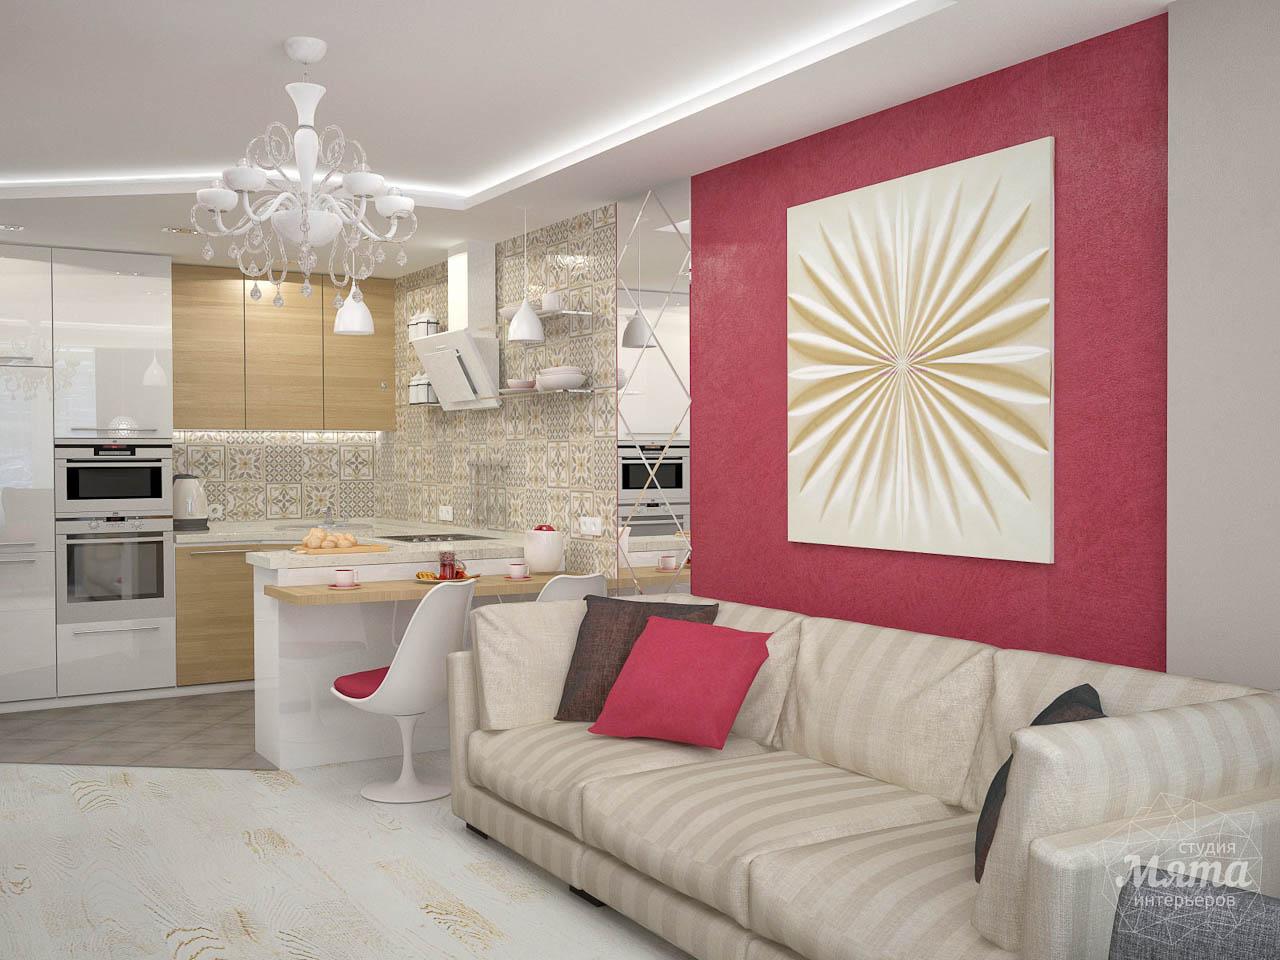 Дизайн интерьера и ремонт трехкомнатной квартиры по ул. Фучика 9 img1457292132